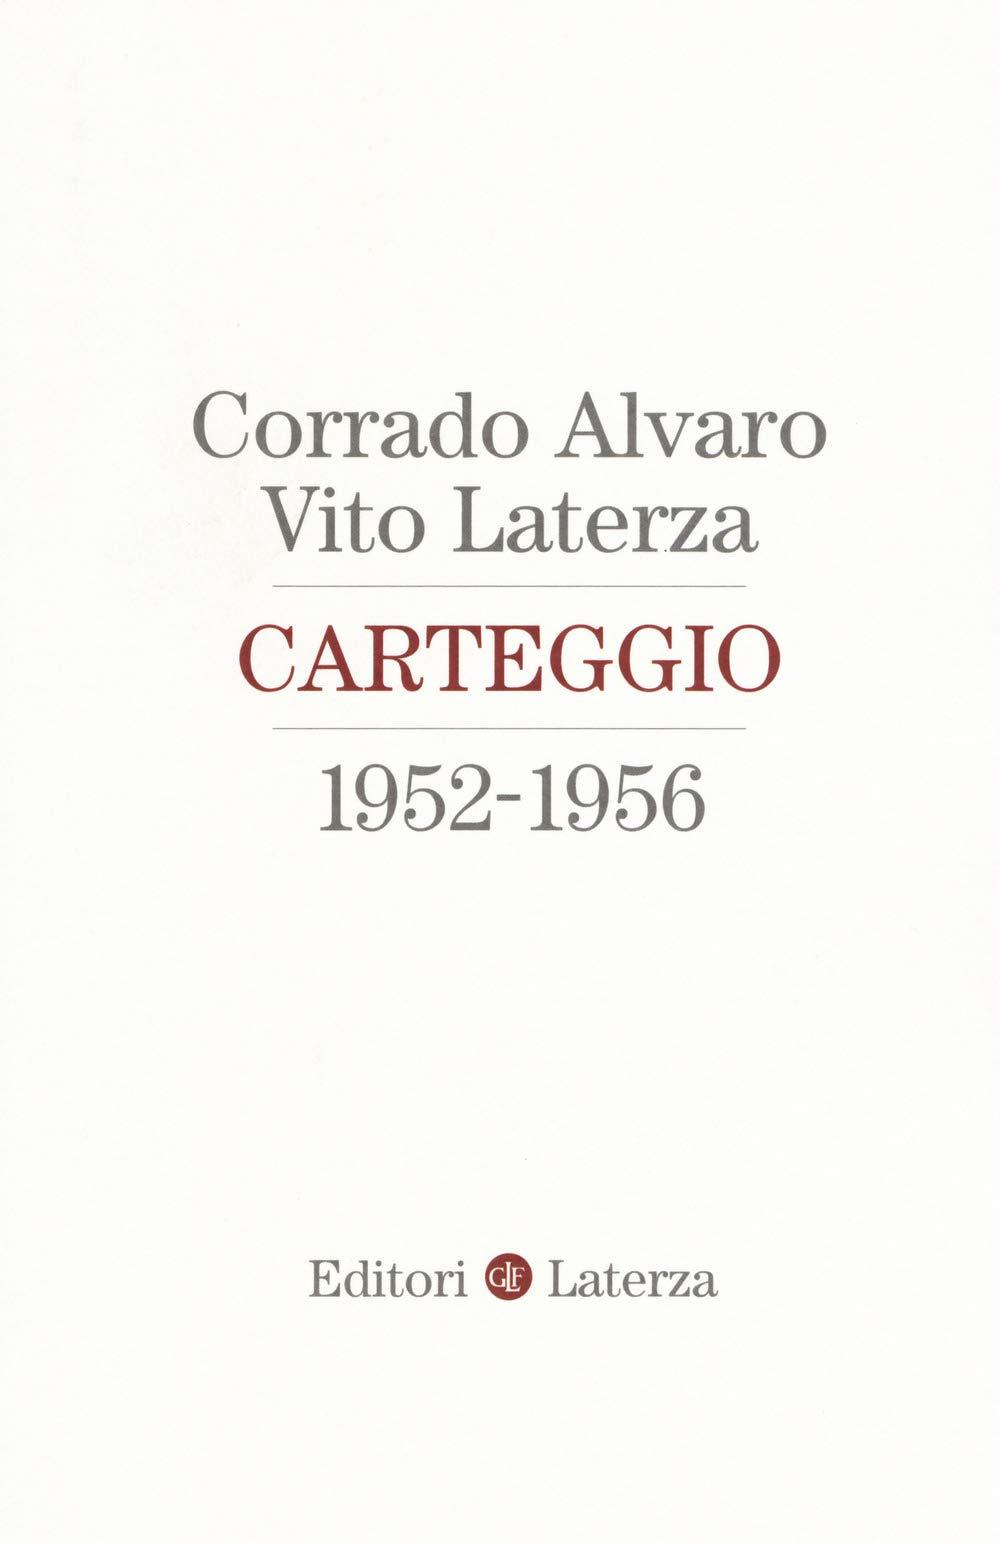 Carteggio 1952-1956 Book Cover